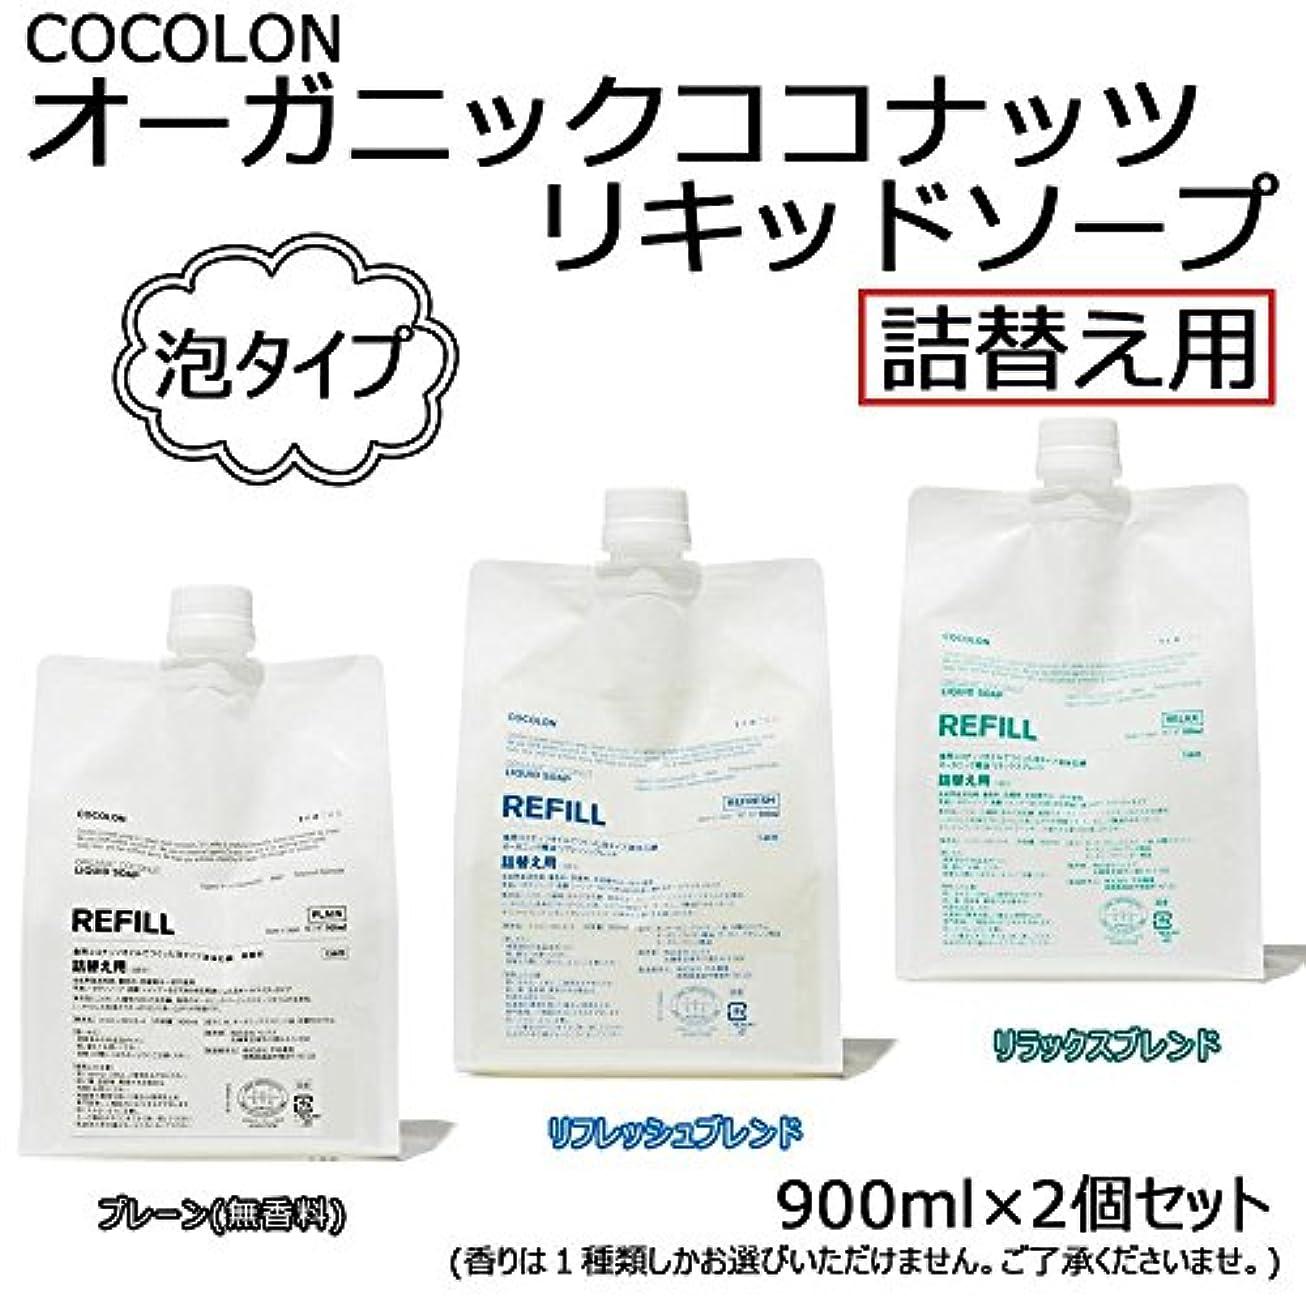 匹敵します繰り返すモッキンバードCOCOLON ココロン オーガニックココナッツリキッドソープ 泡タイプ 詰替え用 900ml 2個セット【同梱?代引不可】 ■3種類の内「リフレッシュブレンド」のみです